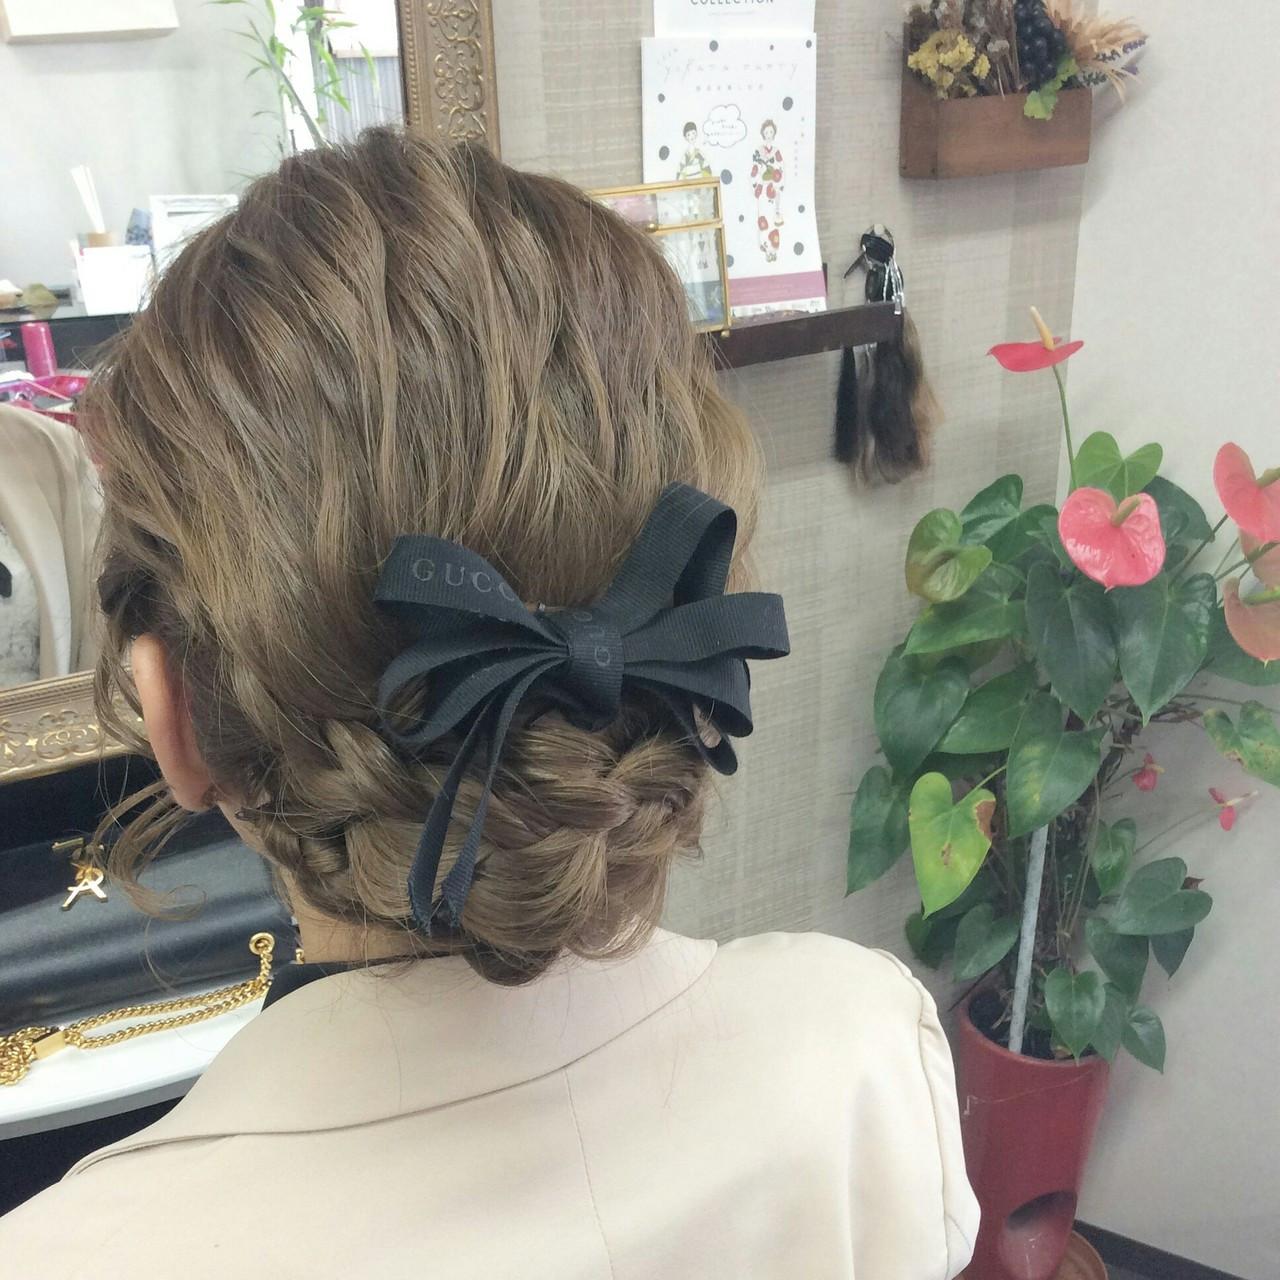 ミディアム ナチュラル ヘアアレンジ 編み込み ヘアスタイルや髪型の写真・画像